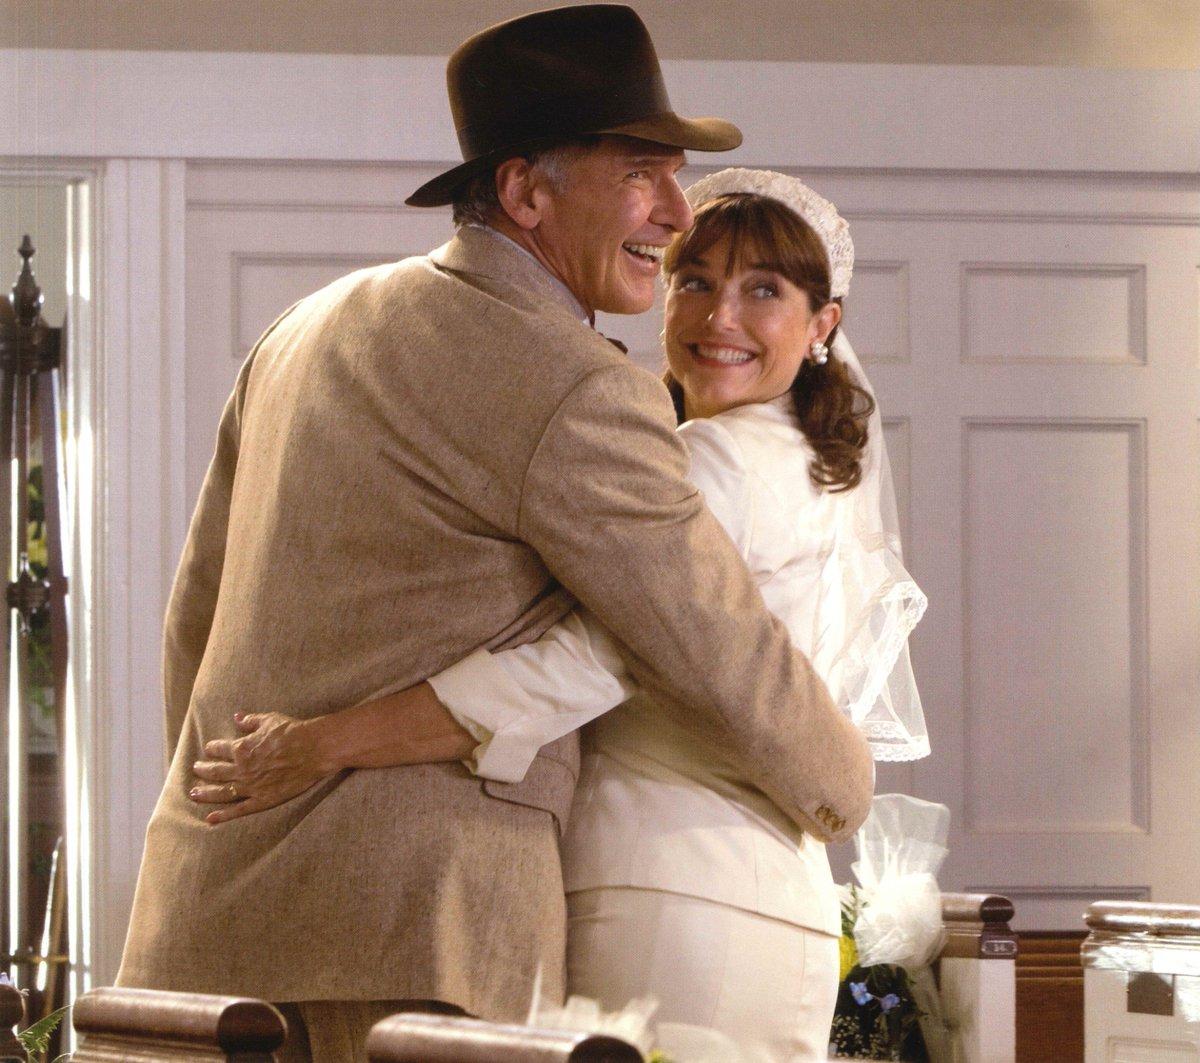 Karen Allen Speaks Out On Indiana Jones' Controversial Marion Seduction